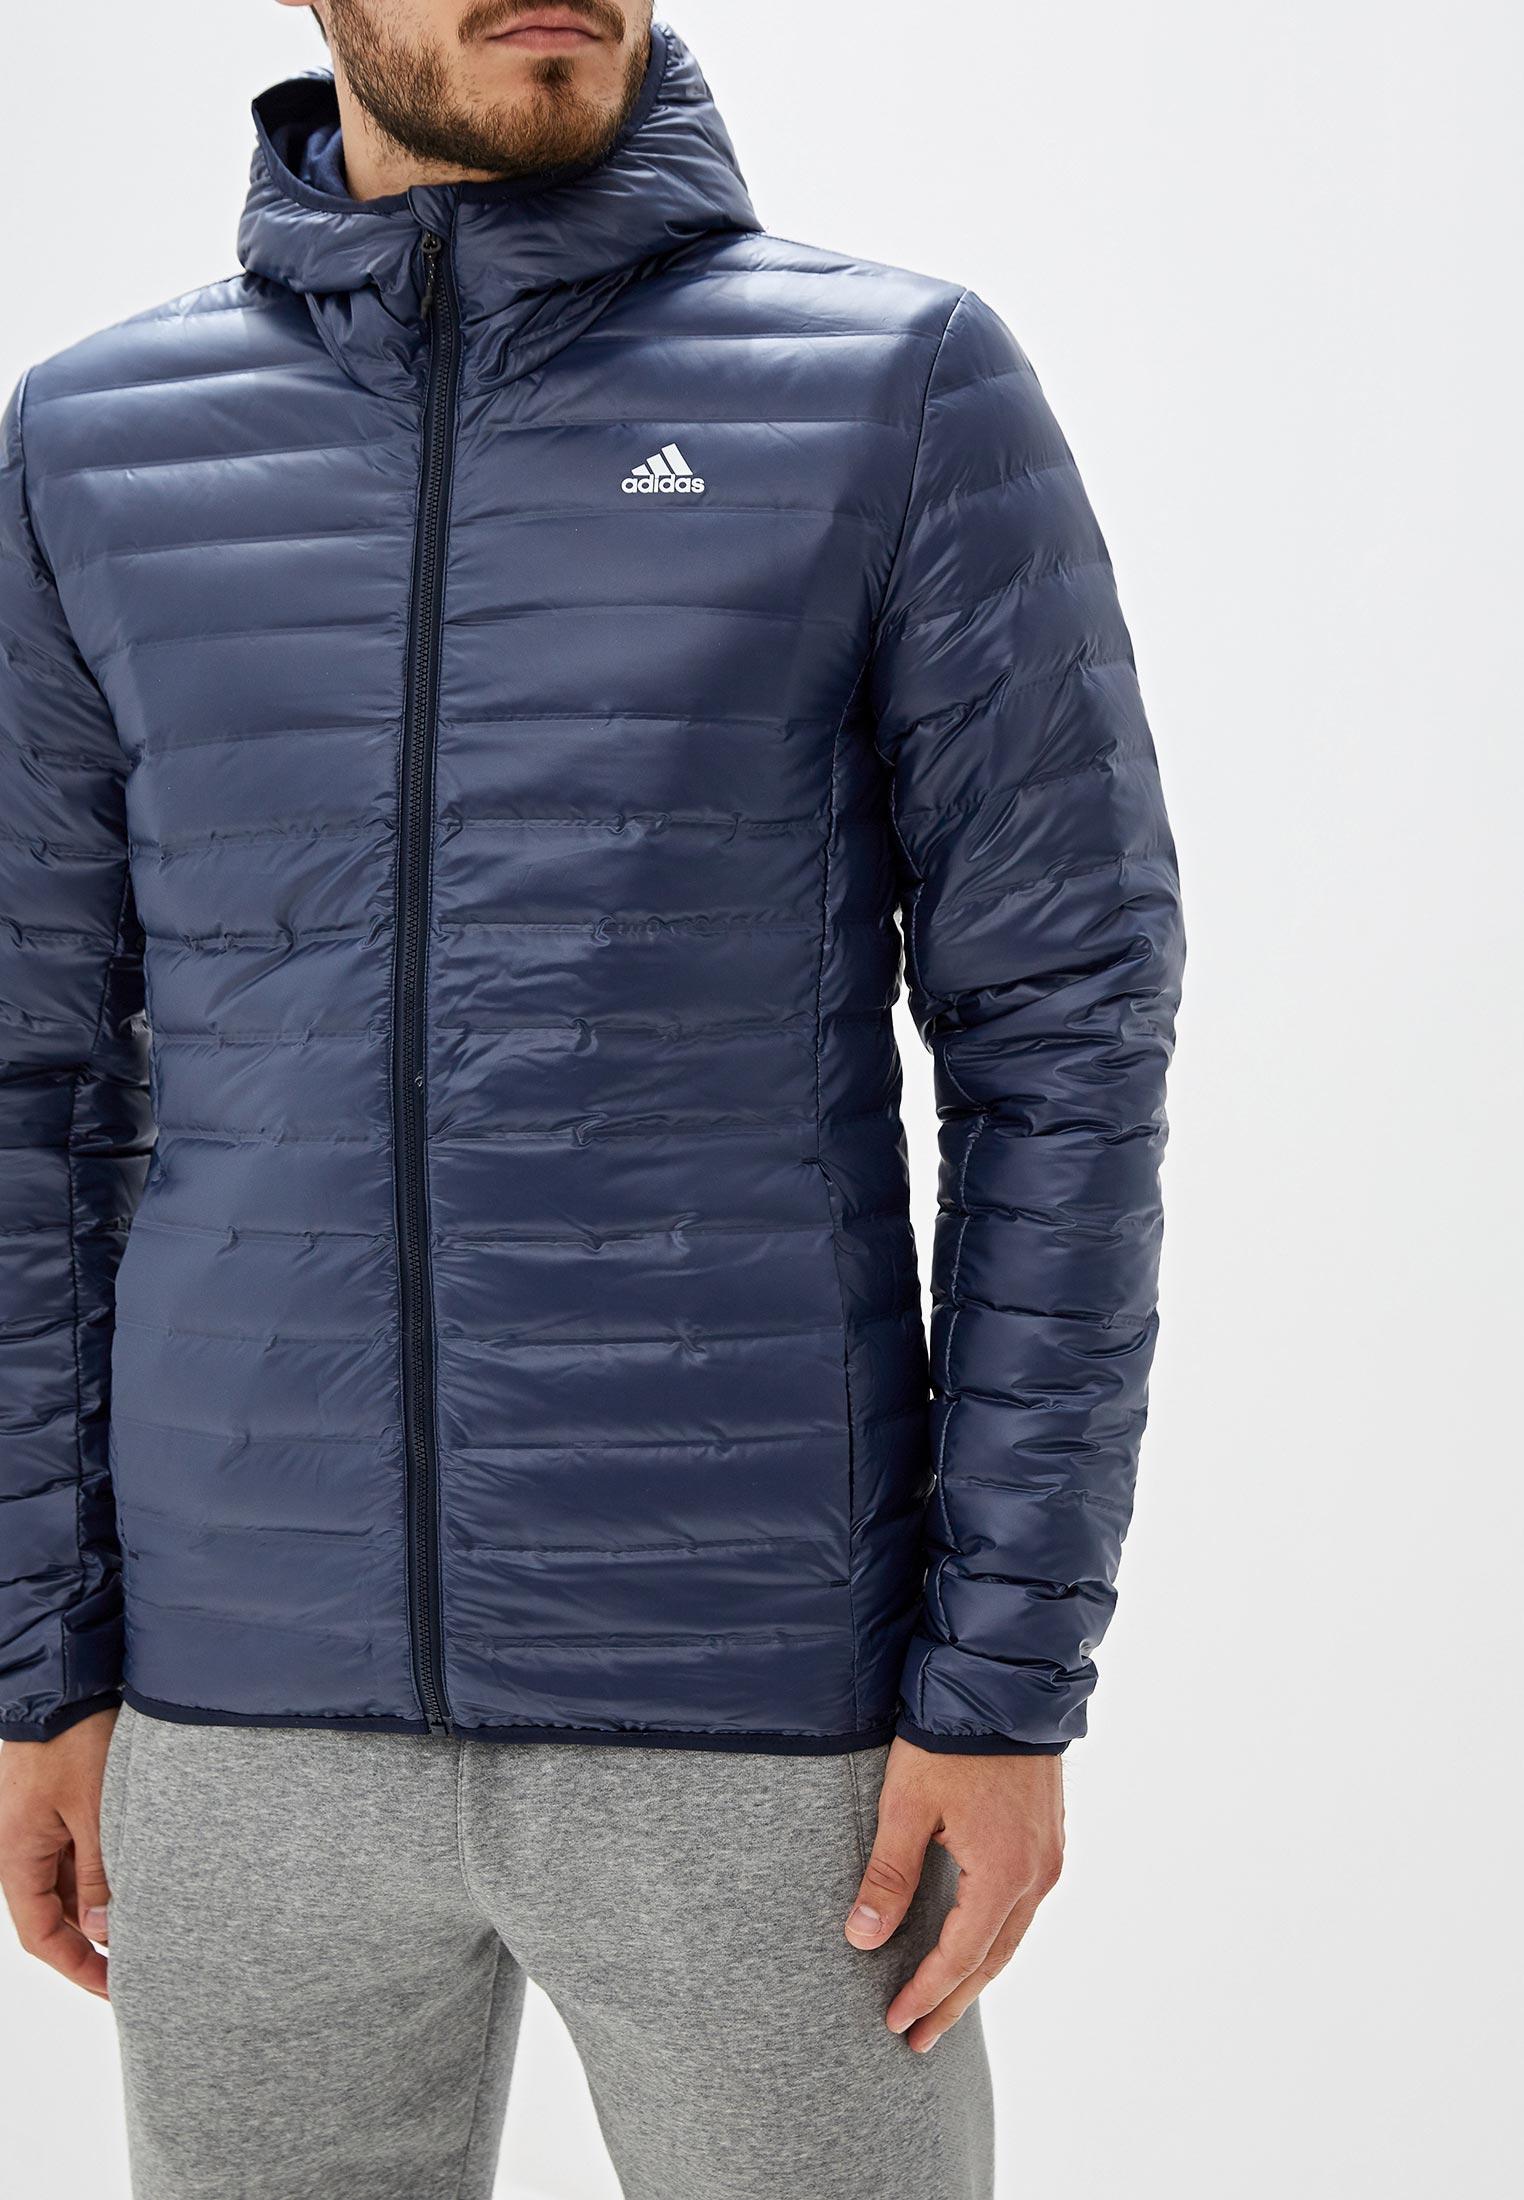 Пуховик adidas Varilite Ho Jkt купить за 7 591 ₽ в интернет-магазине Lamoda.ru